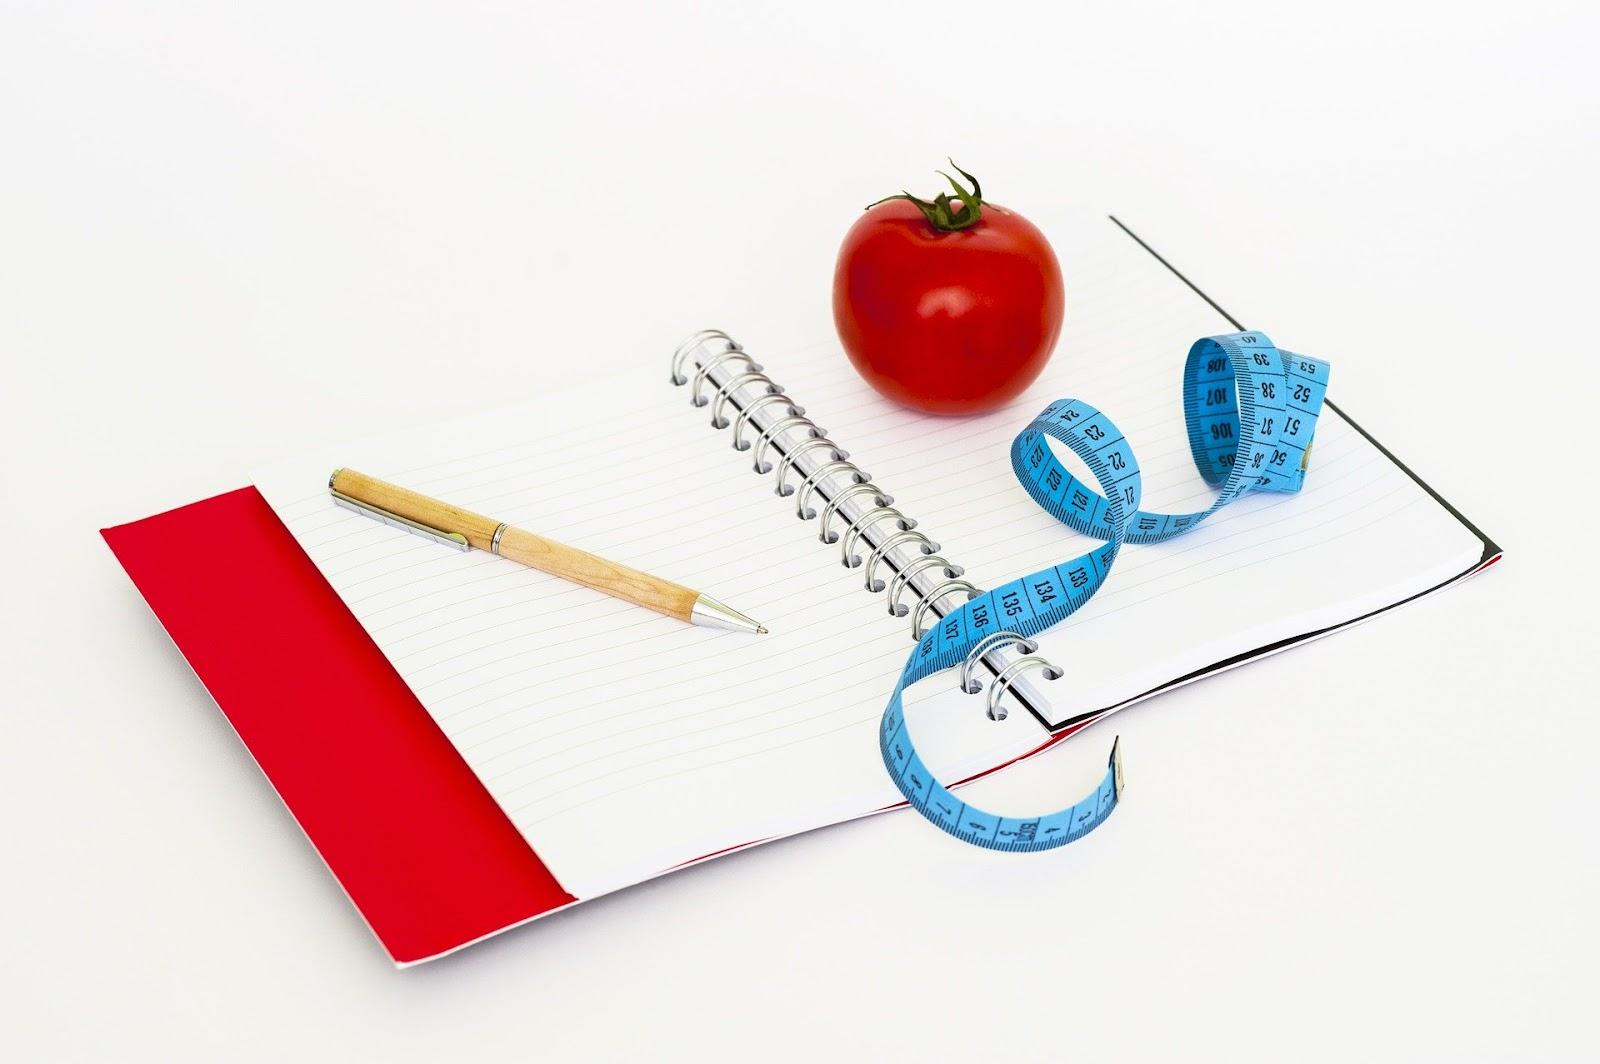 Как составить меню для похудения? 5 шагов